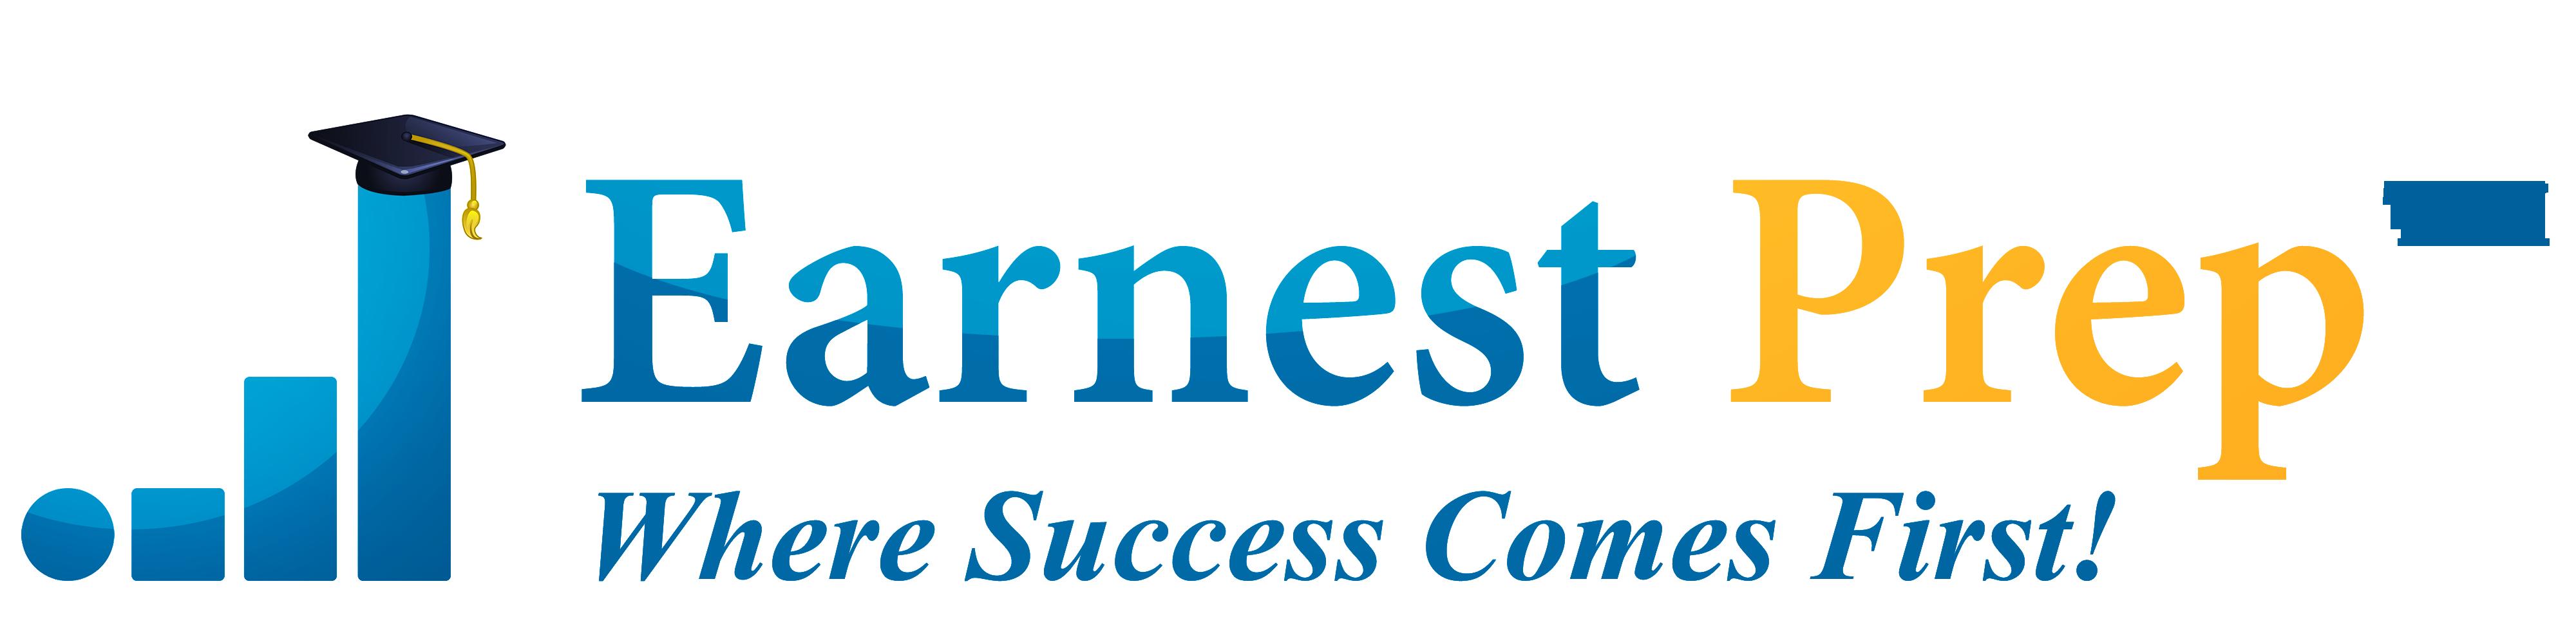 Earnest-Prep-Logo